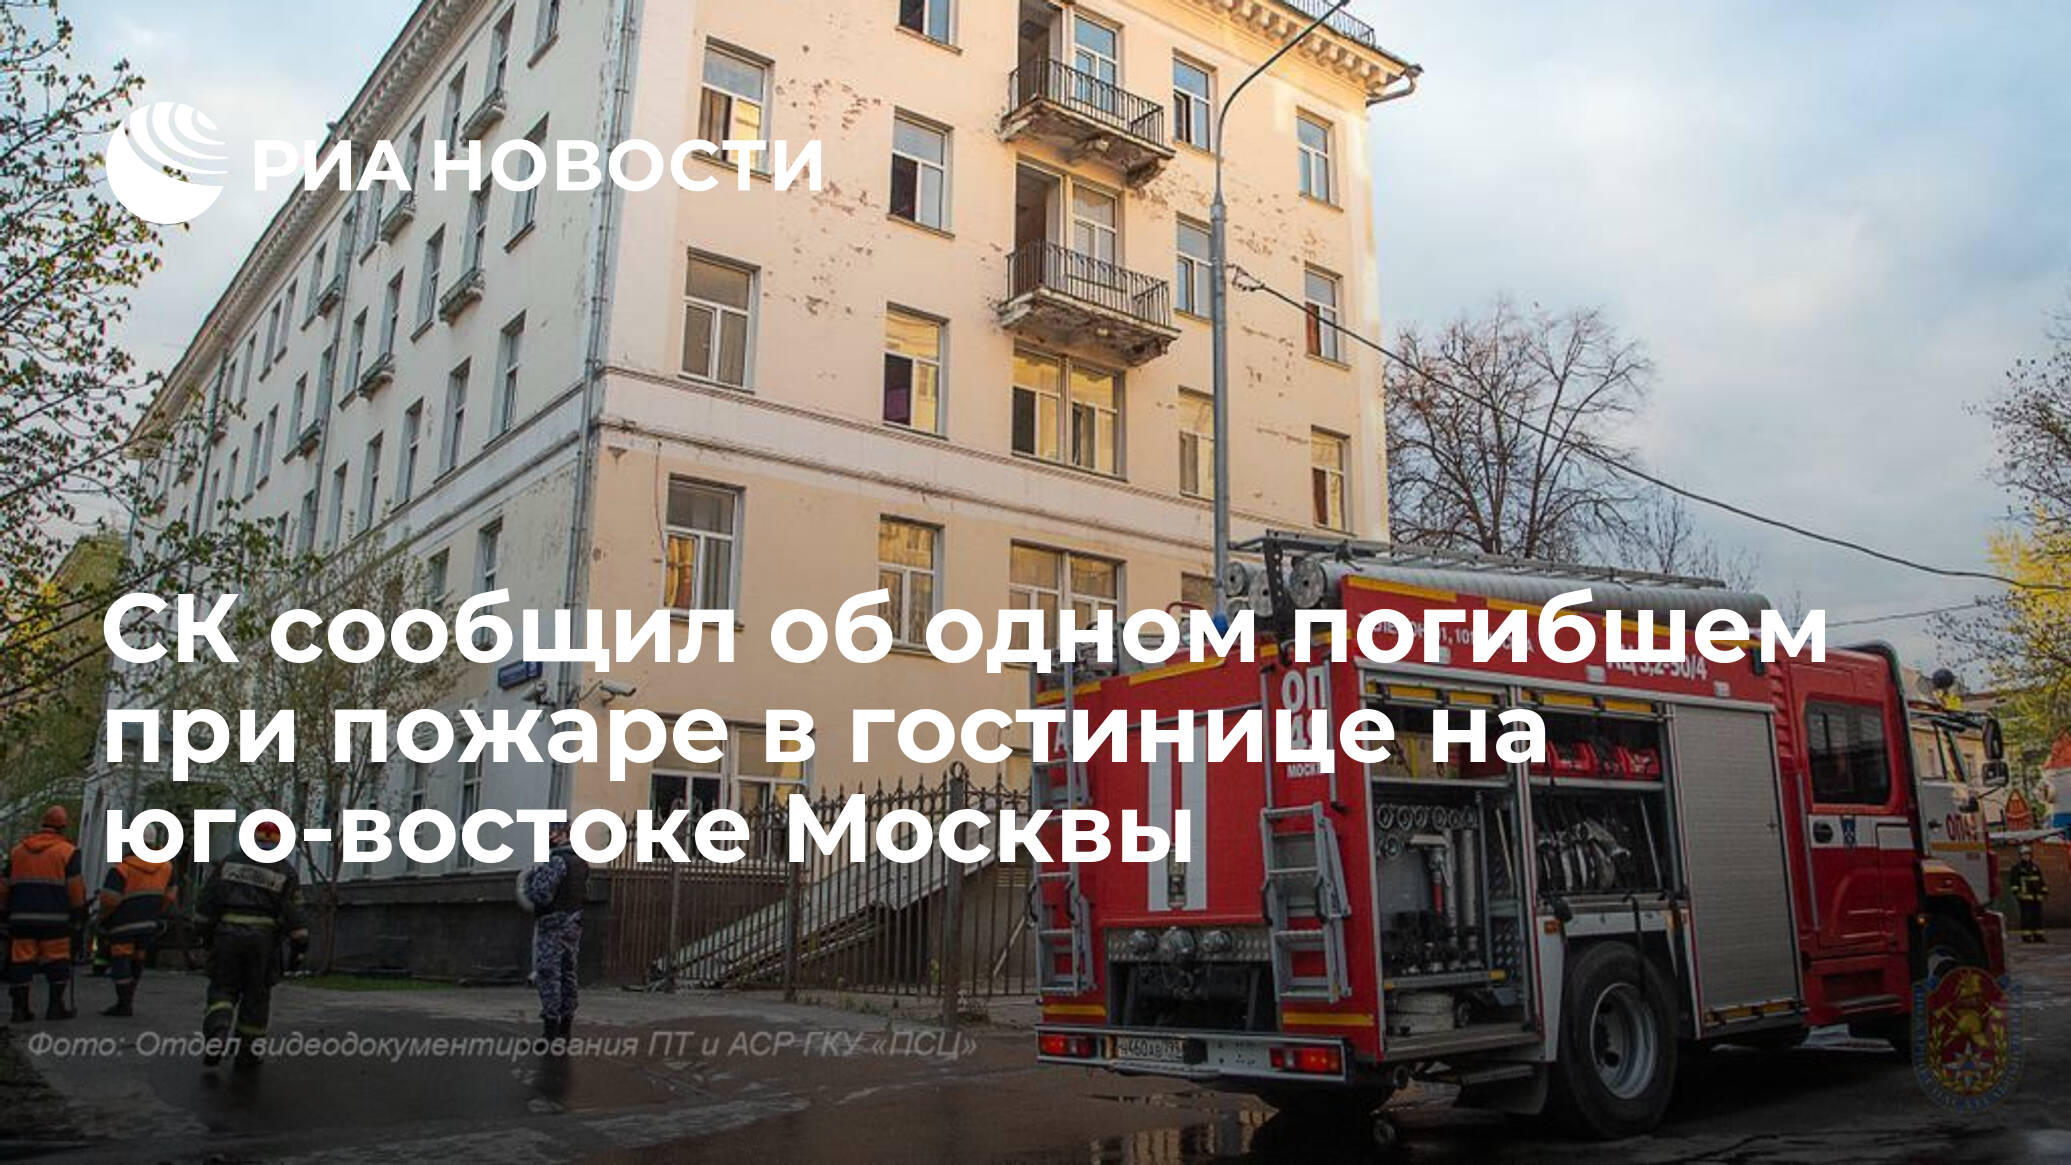 СК сообщил об одном погибшем при пожаре в гостинице на юго-востоке Москвы